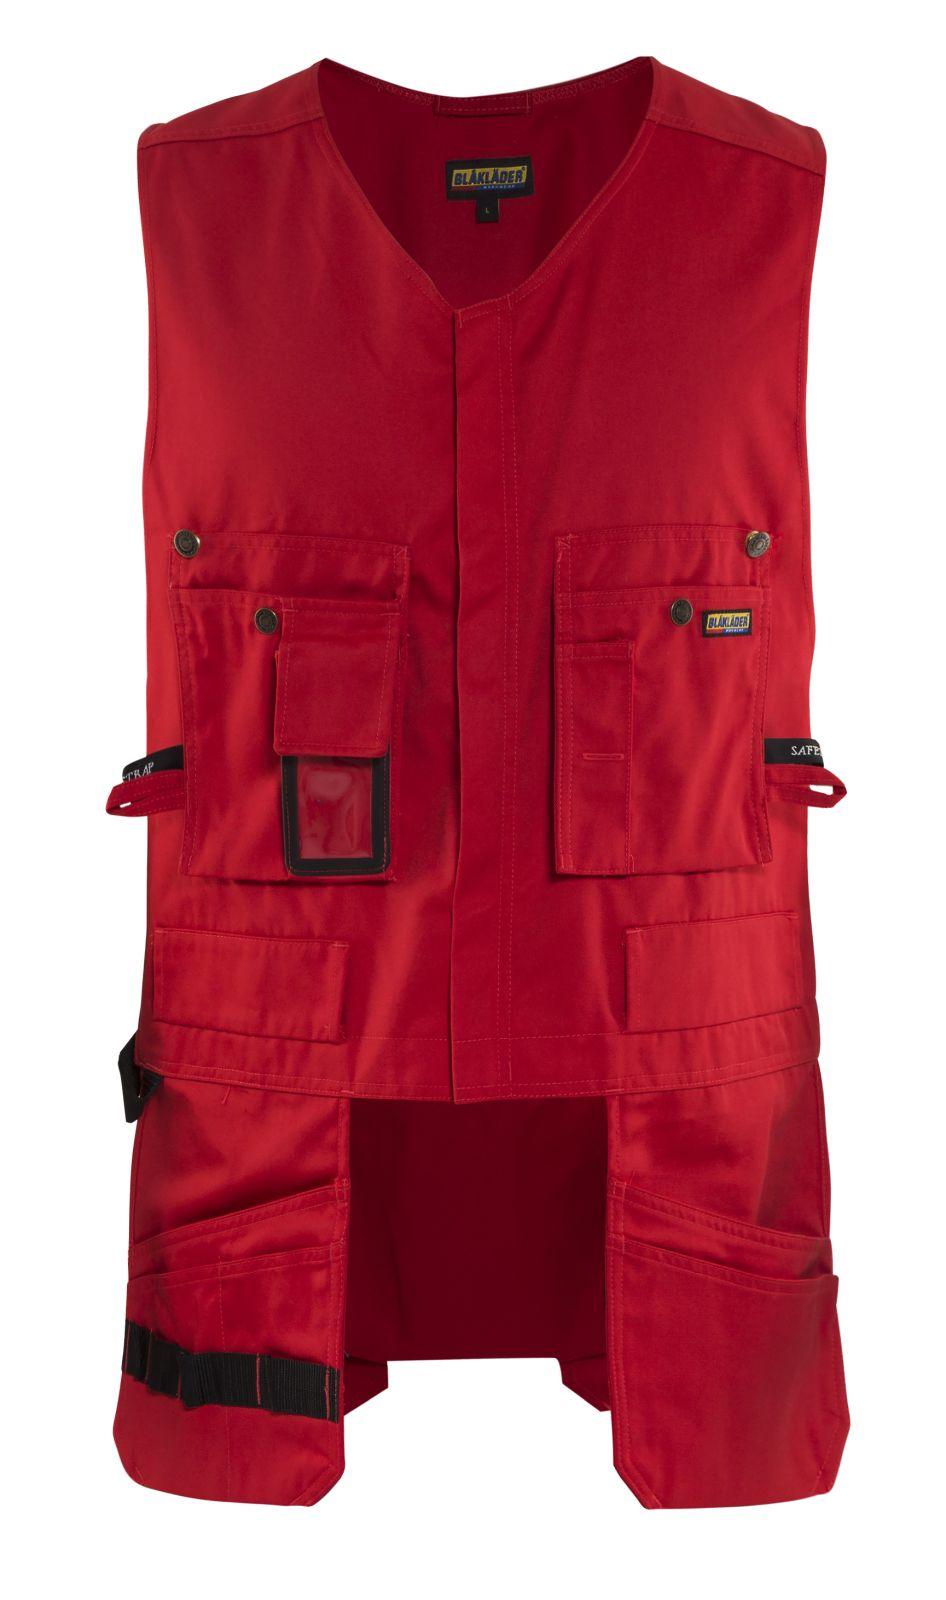 Blaklader Werkvesten 31051860 rood(5600)